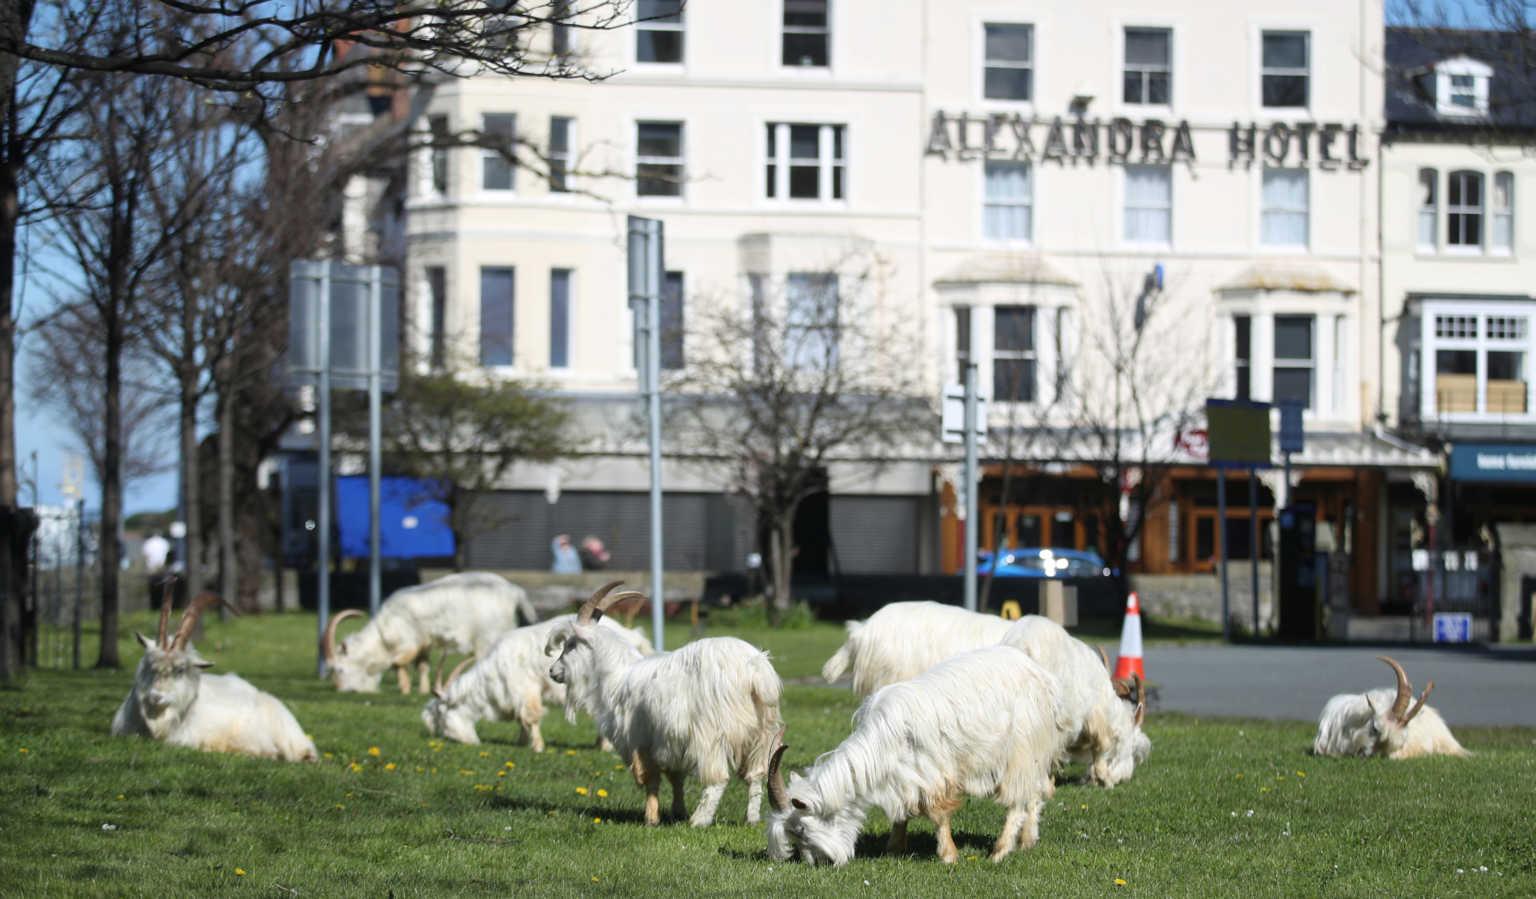 Κατσίκες έκαναν… κατάληψη στην άδεια, λόγω του κορονοϊού, πόλη και έγιναν viral (video, pics)